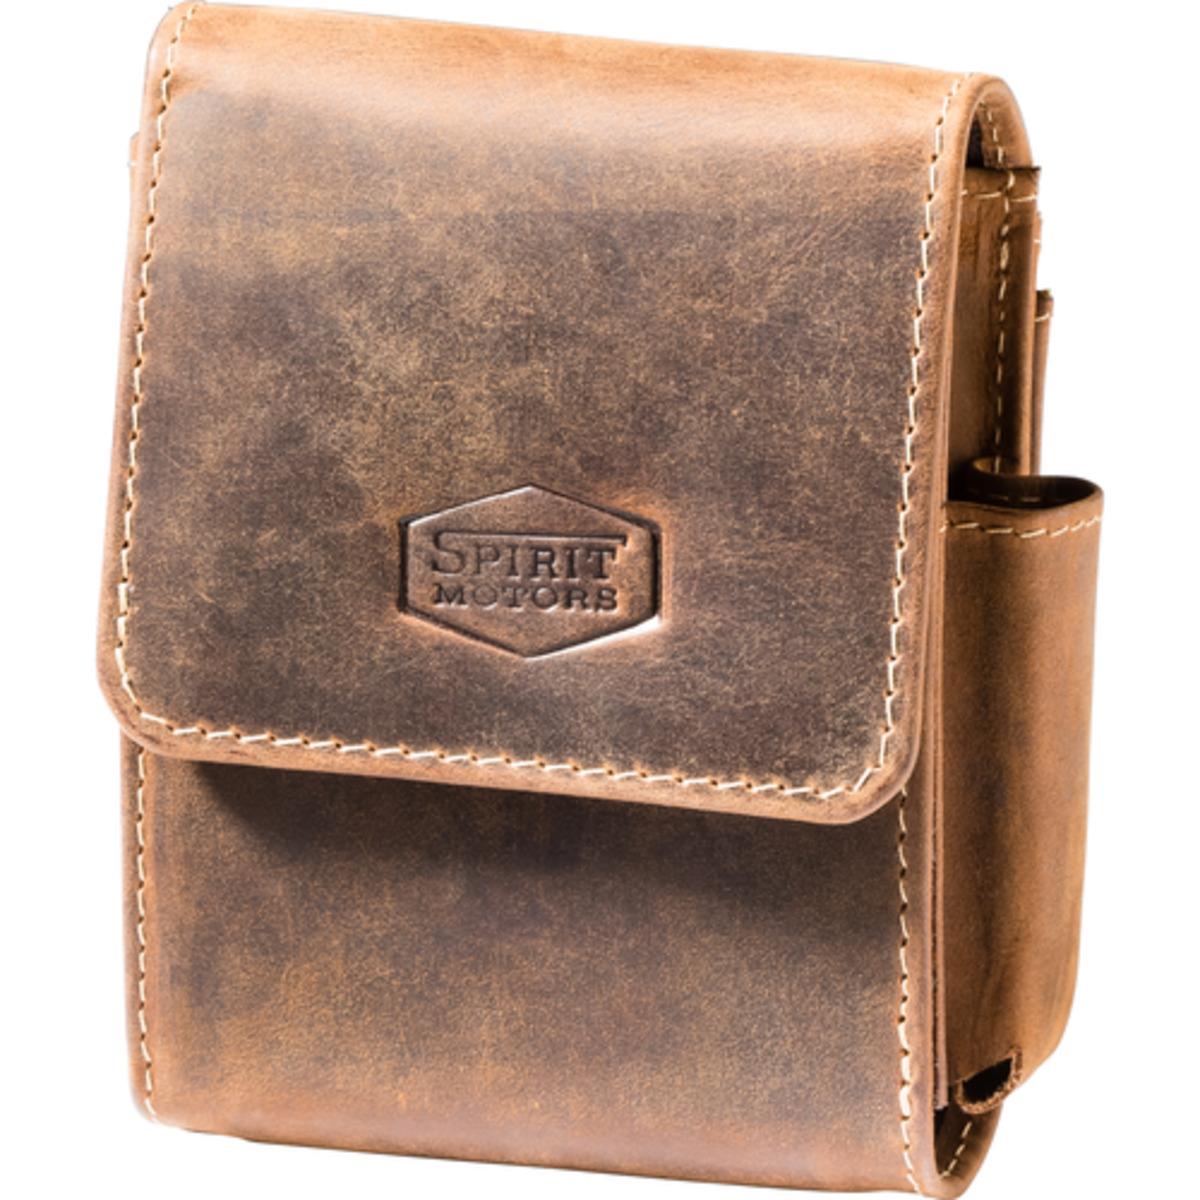 Bild 1 von Spirit Motors Vintage Leder Gürteltasche für Zigarettenschac braun